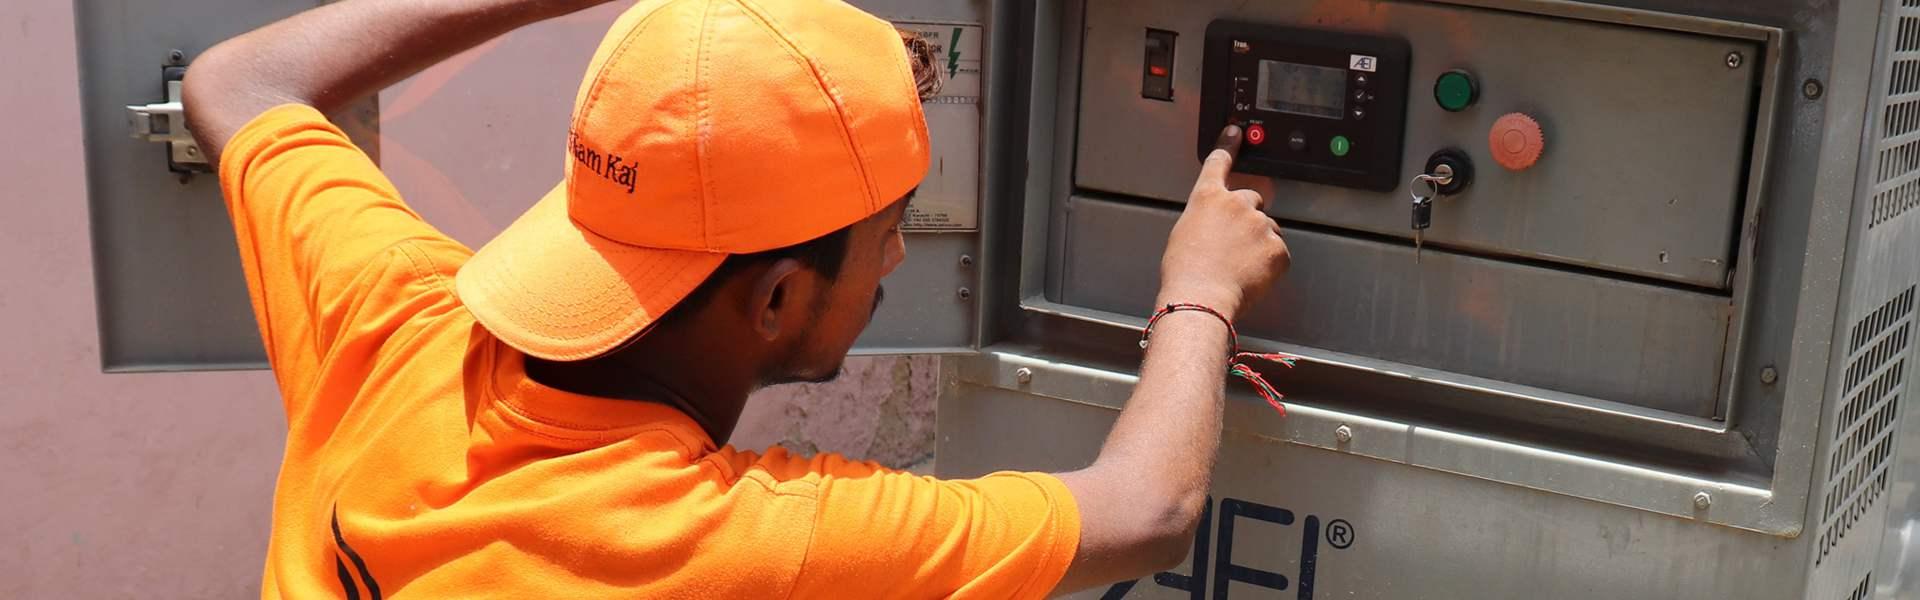 Generator Installation or Repair